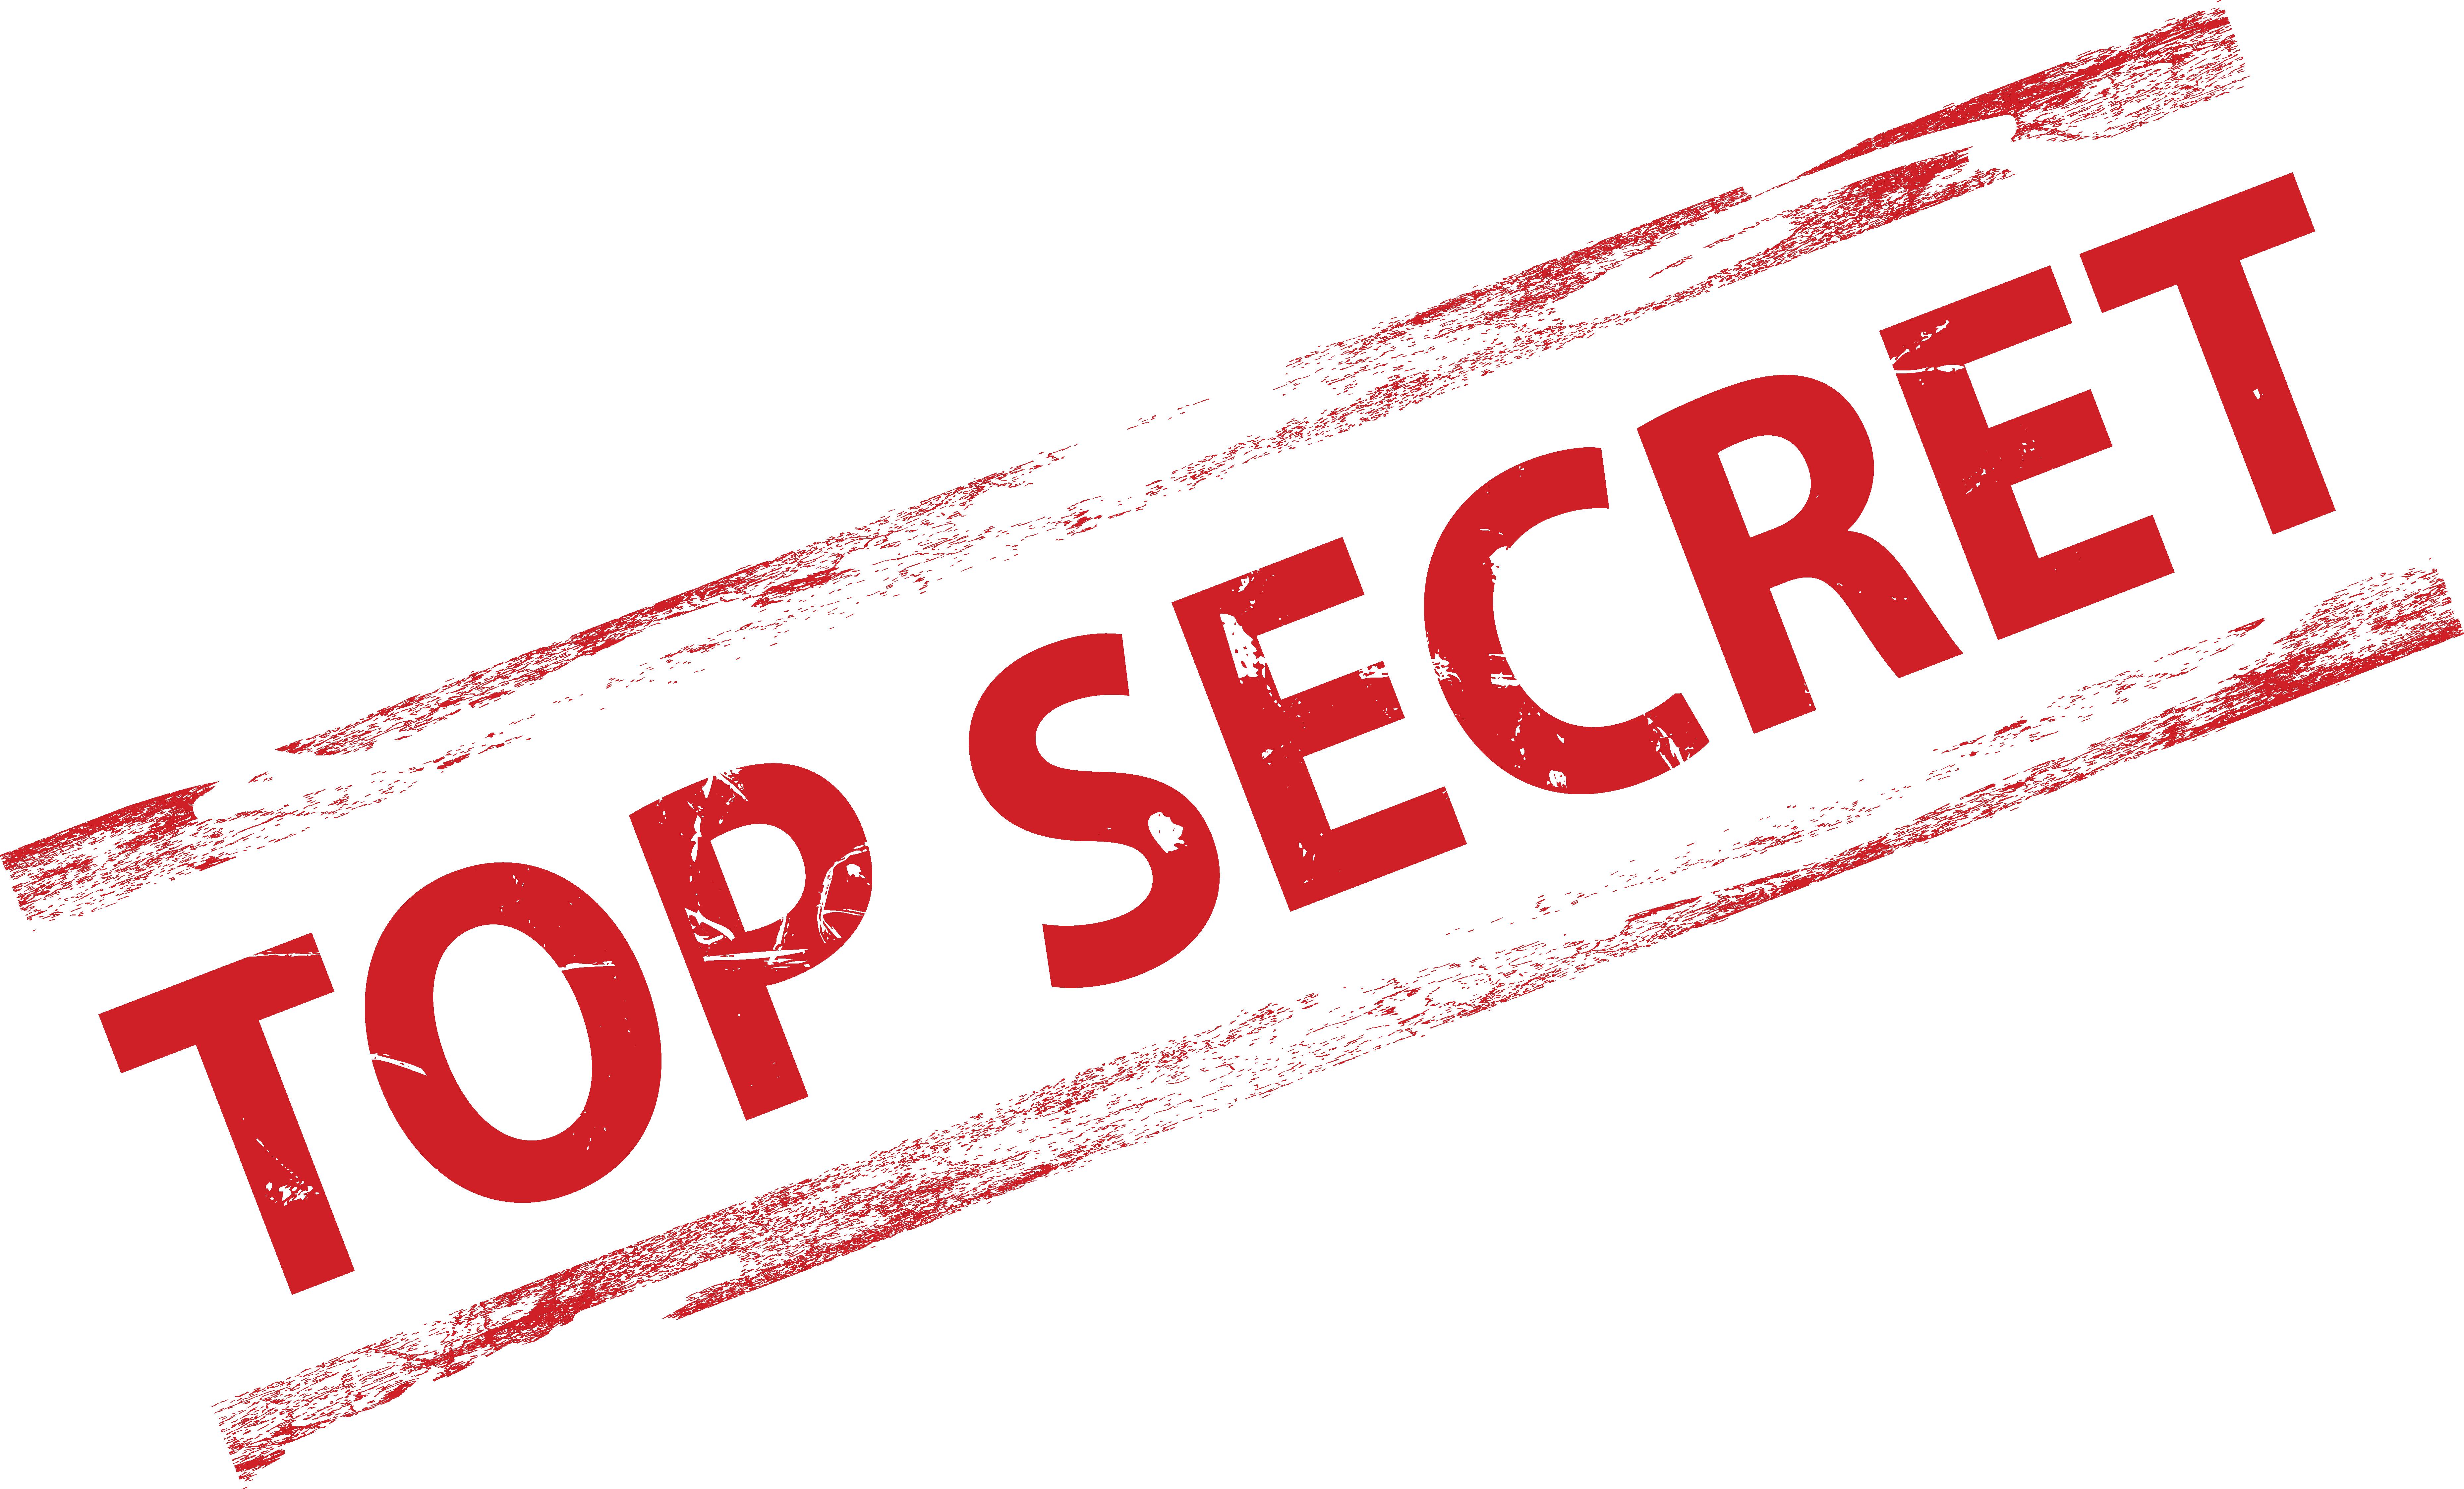 Missions clipart top secret, Missions top secret Transparent.